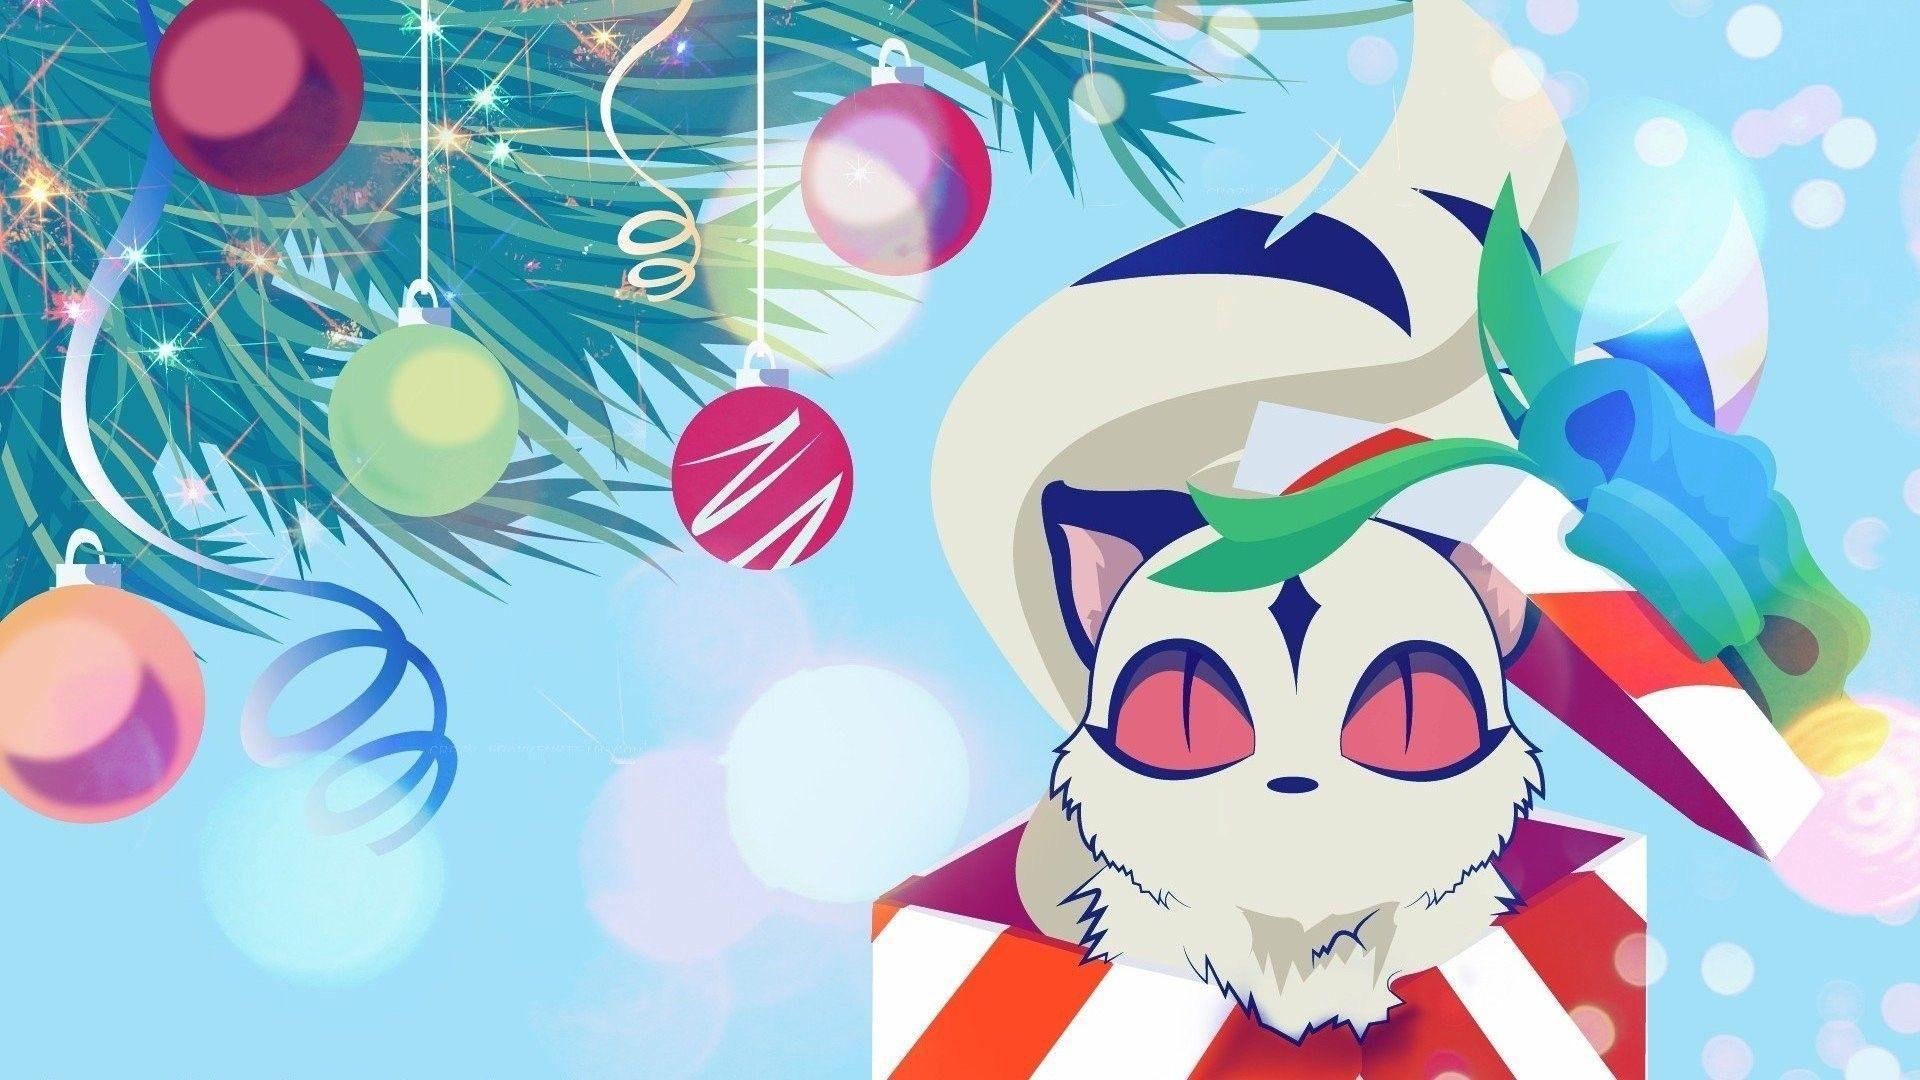 Christmas Anime Aesthetic Wallpapers - Top Free Christmas ...